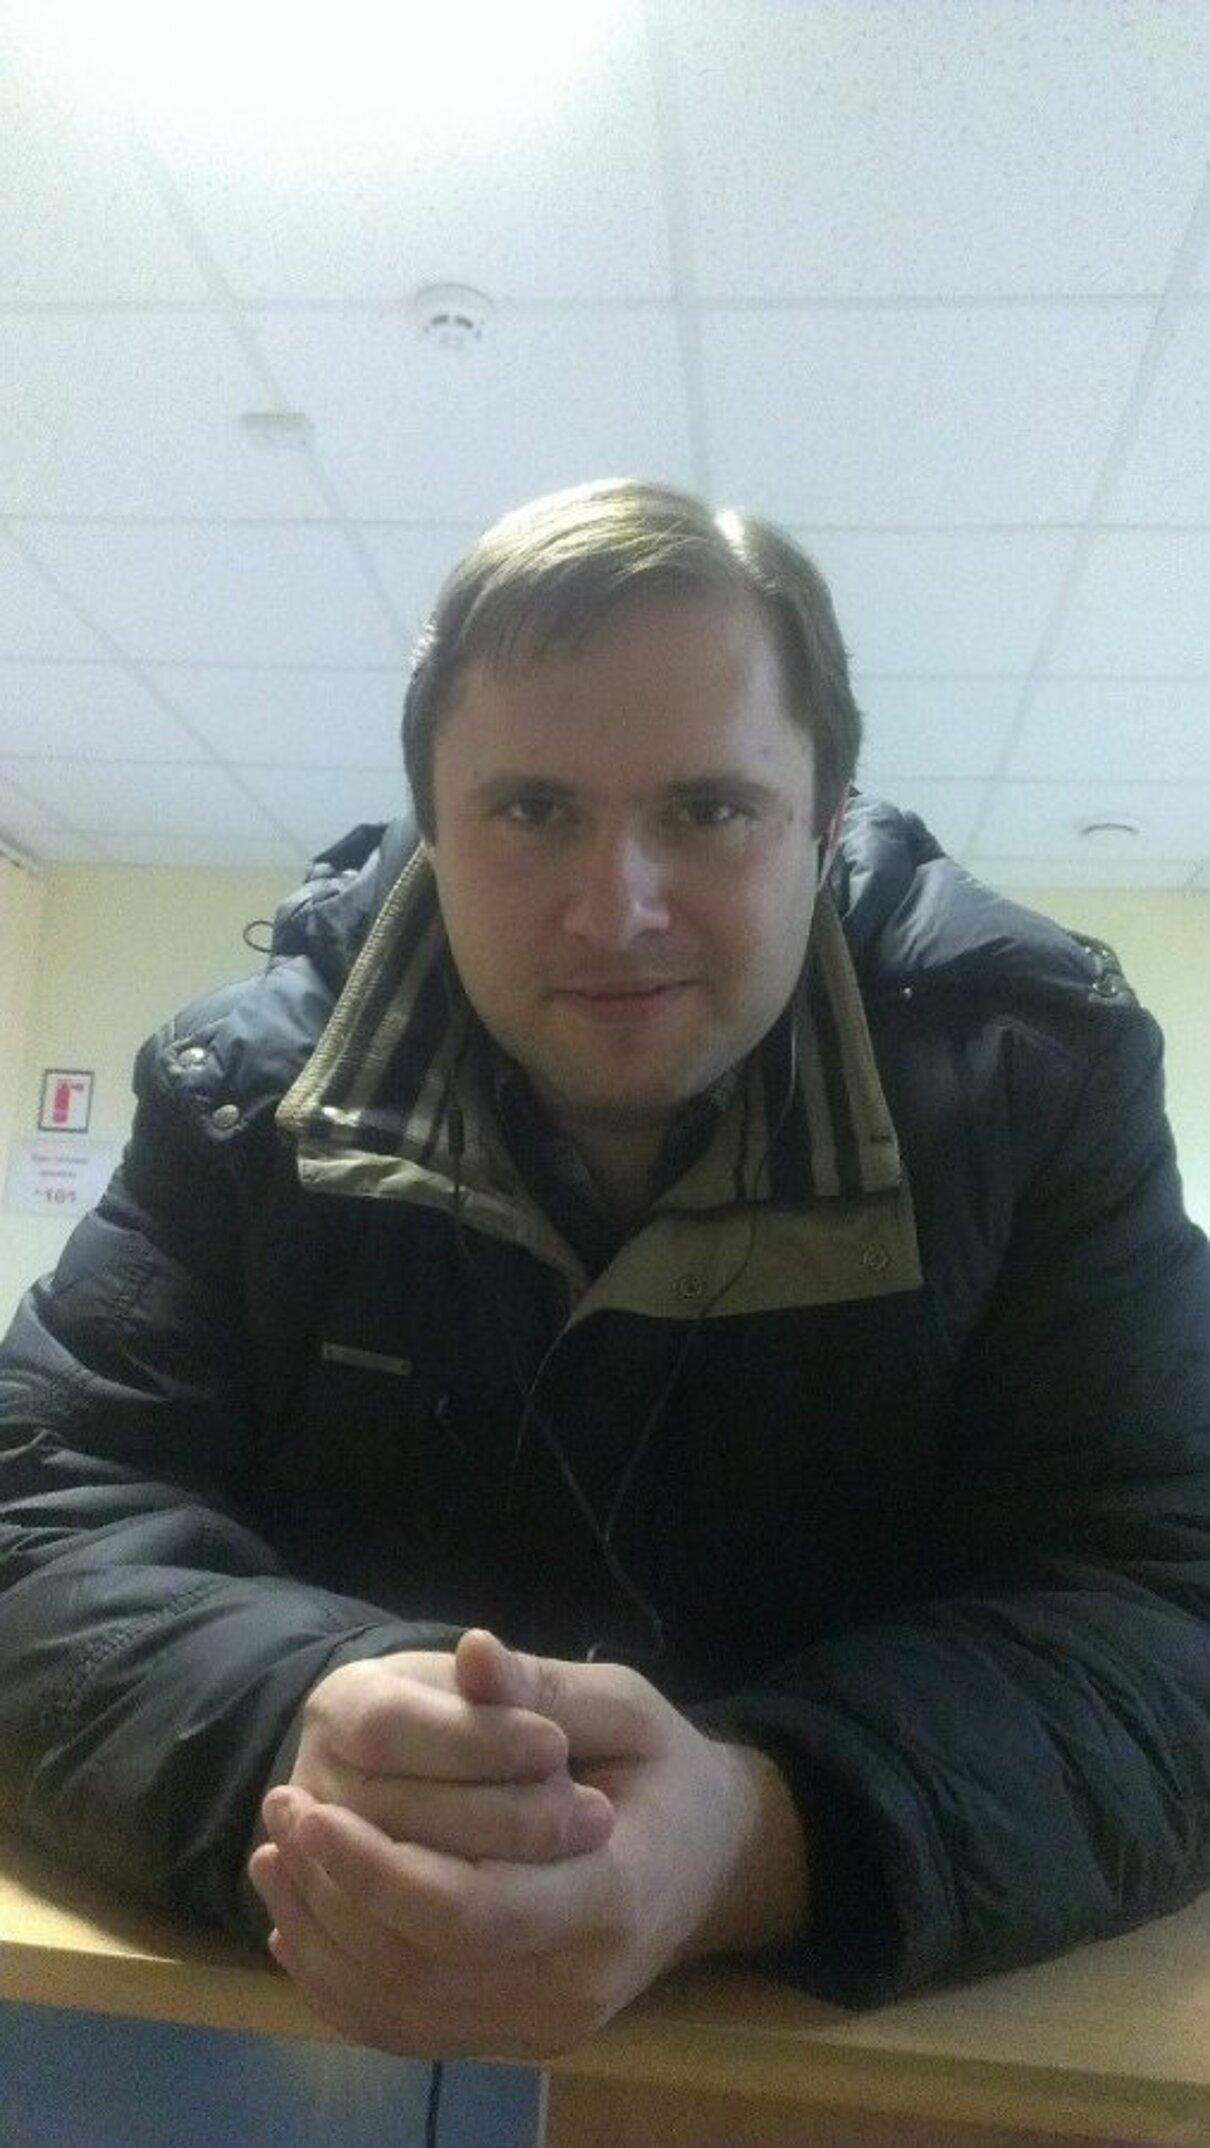 Жалоба-отзыв: ВОРЫ - Украли посылку на Укрпочте